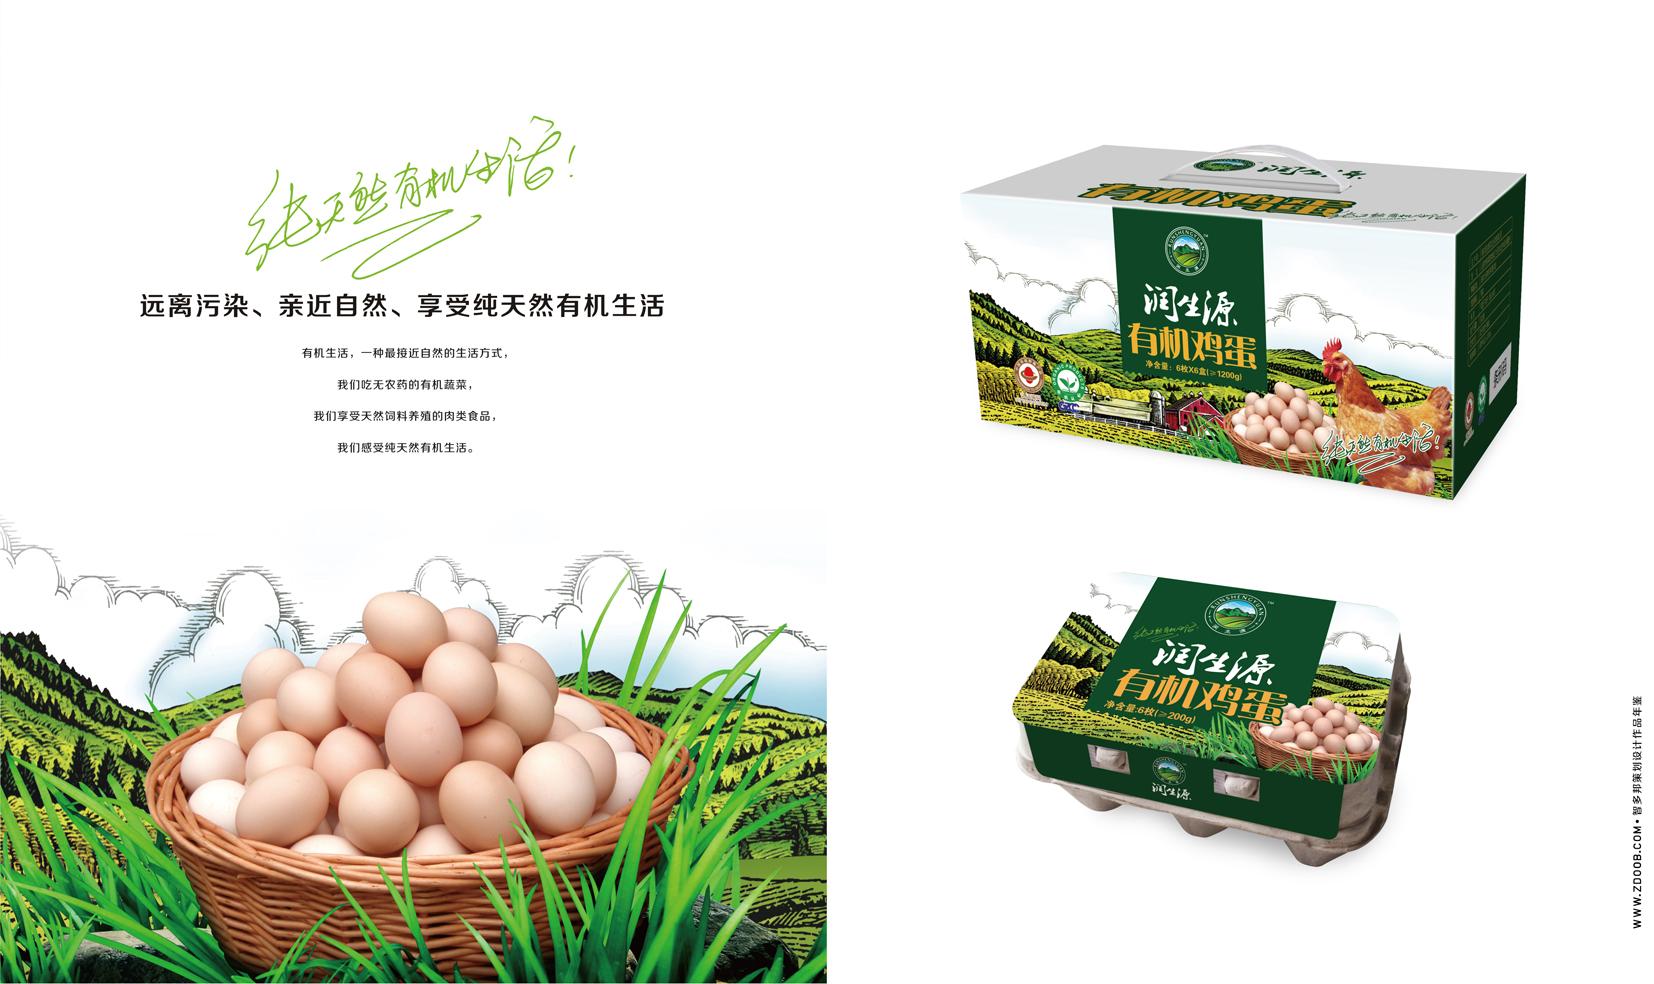 有机食品品牌策划_智多邦——润生源有机食品品牌设计 有机食品包装设计